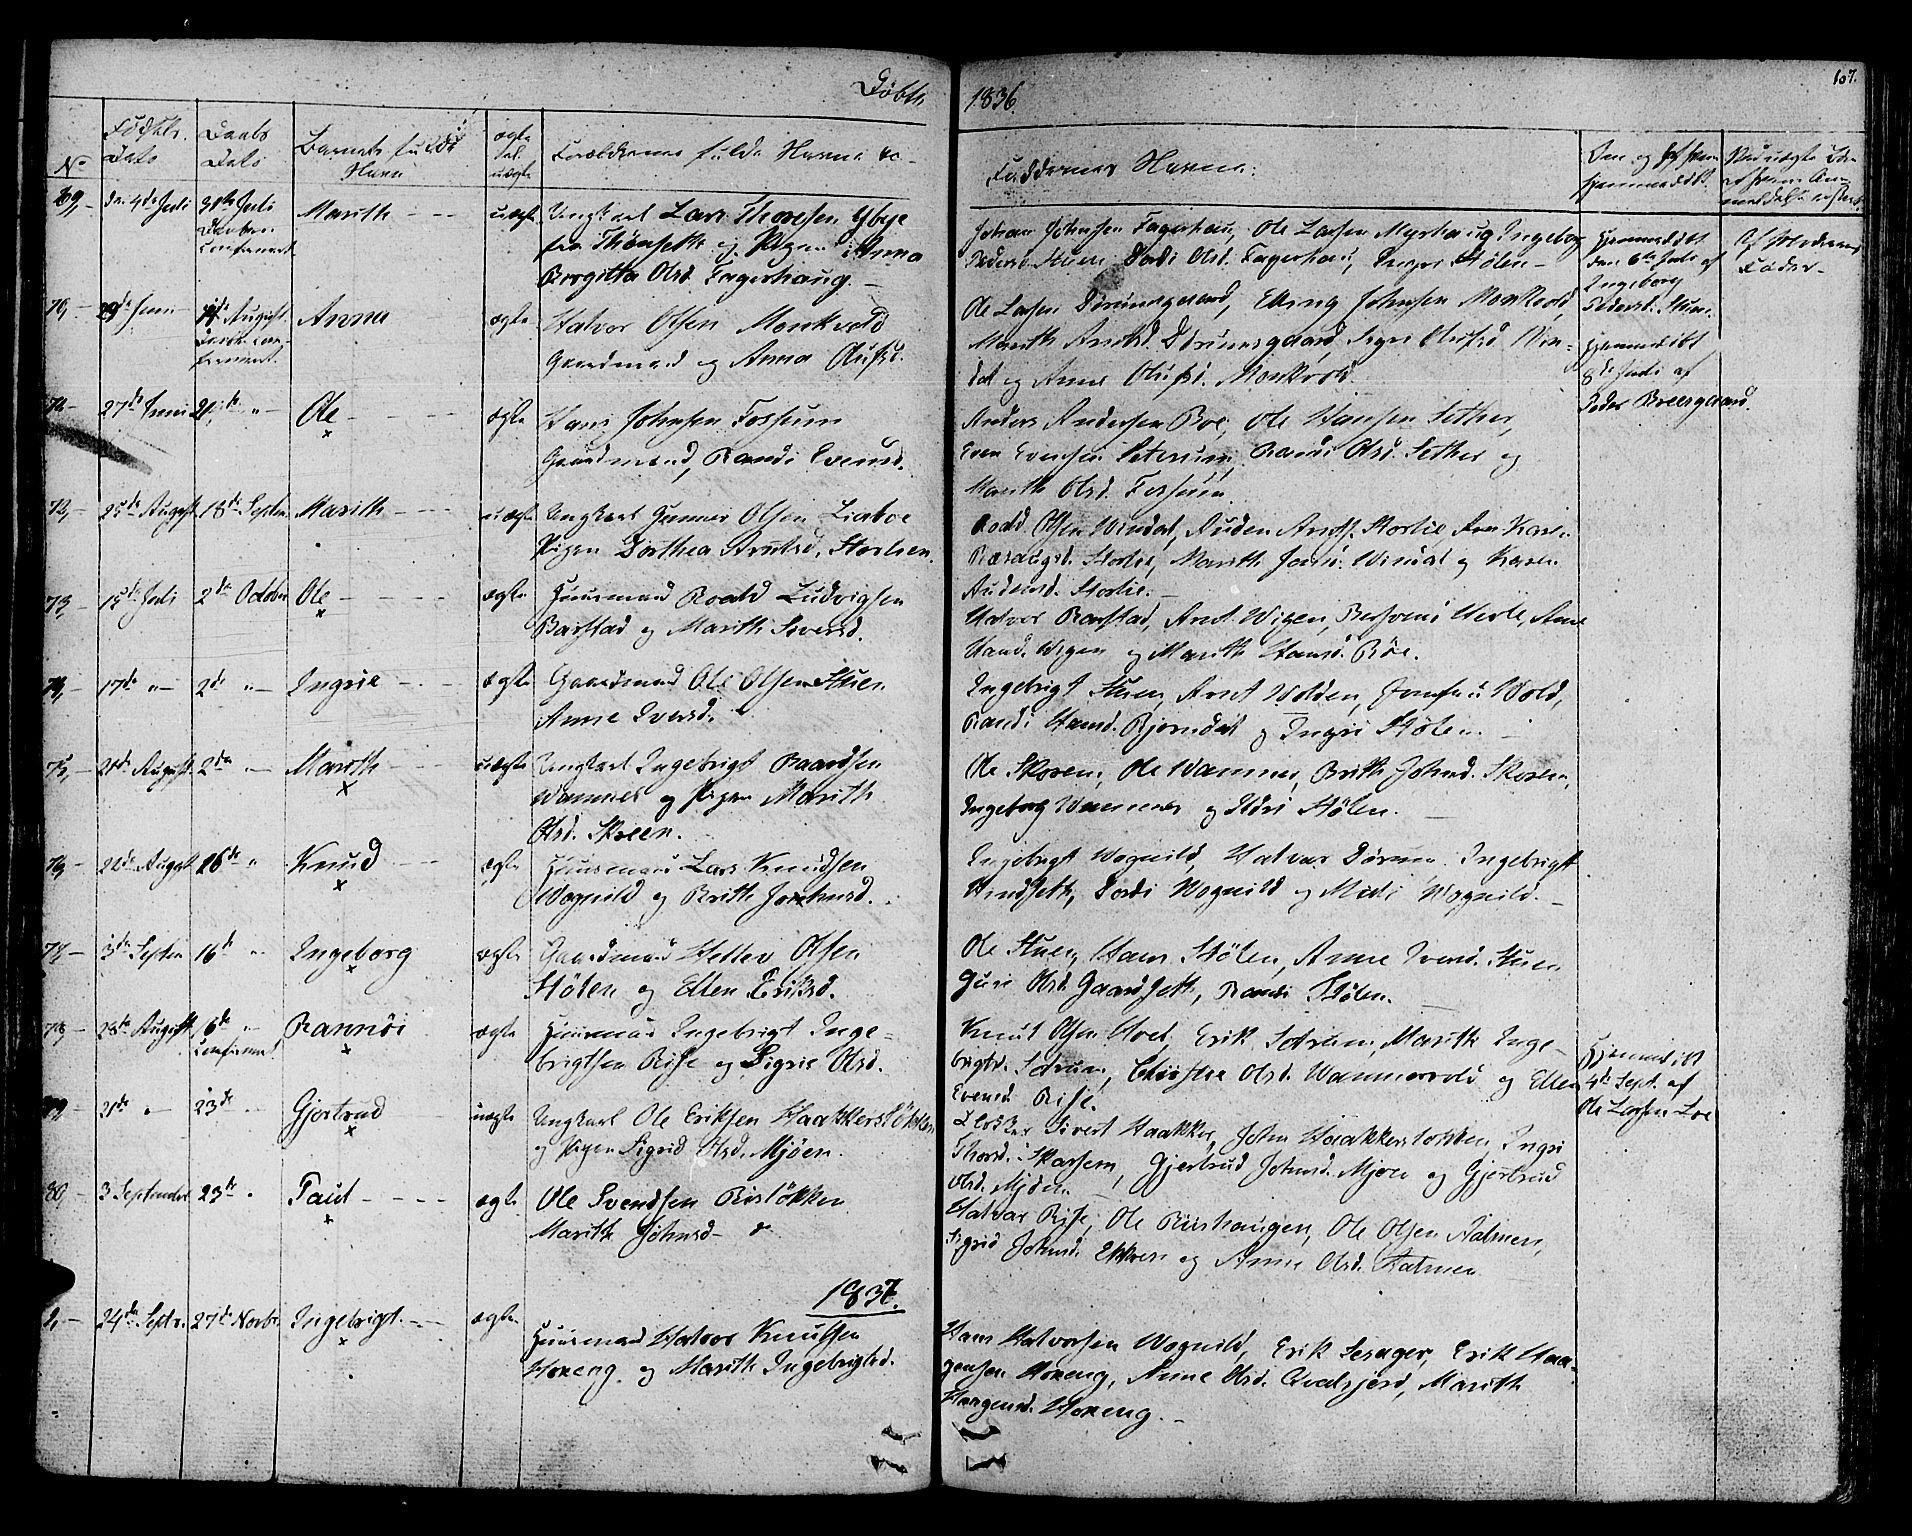 SAT, Ministerialprotokoller, klokkerbøker og fødselsregistre - Sør-Trøndelag, 678/L0897: Ministerialbok nr. 678A06-07, 1821-1847, s. 107